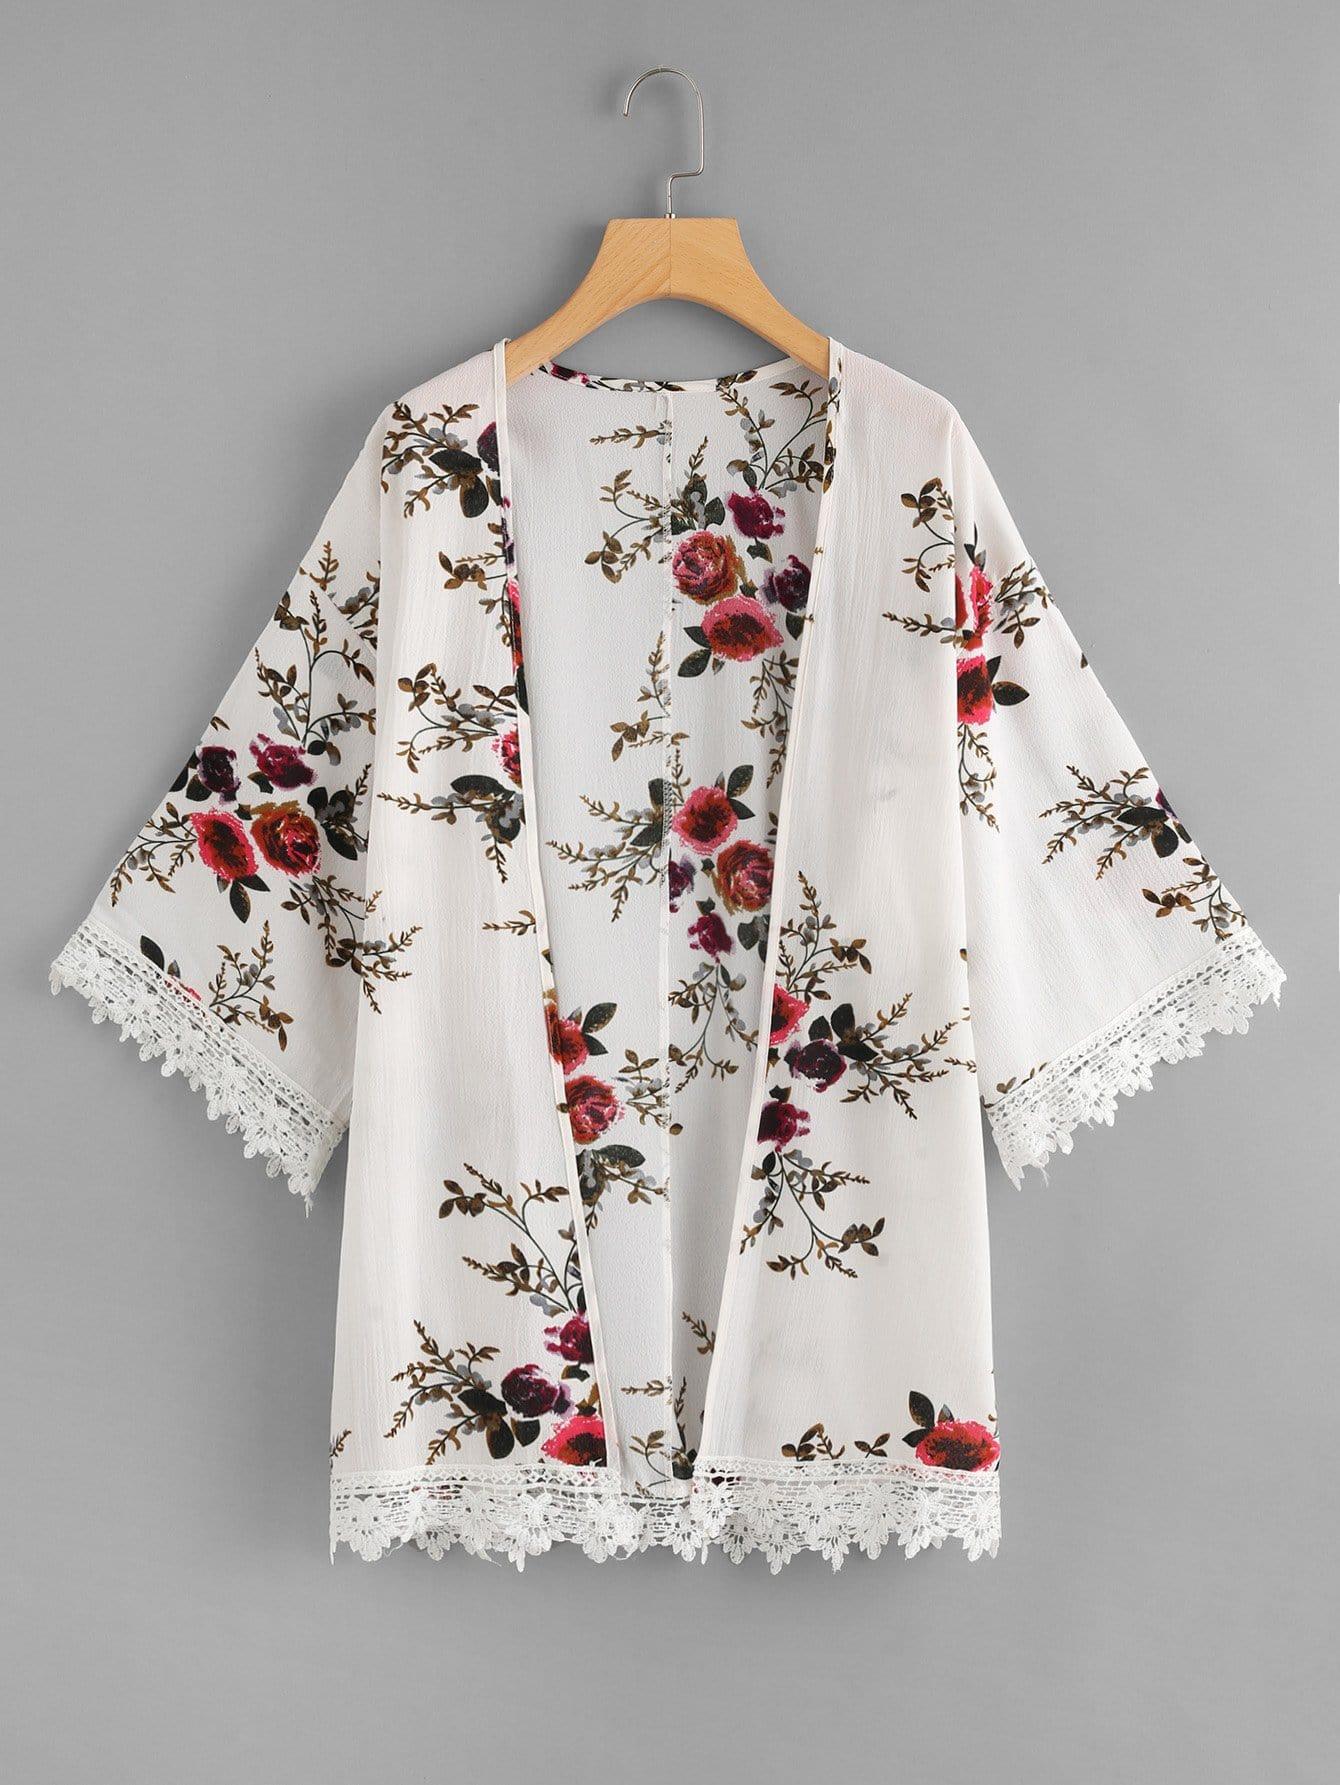 Crochet Trim Floral Print Kimono crochet trim sheer lace kimono